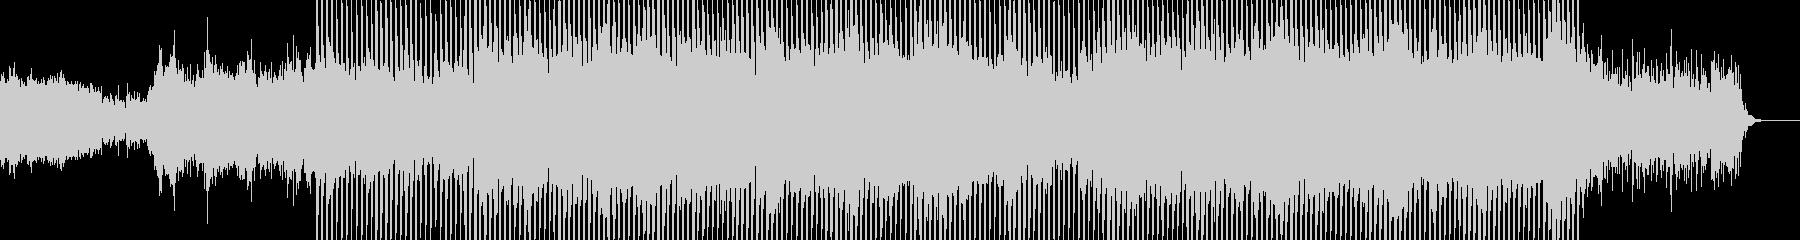 EDMクラブ系ダンスミュージック-38の未再生の波形